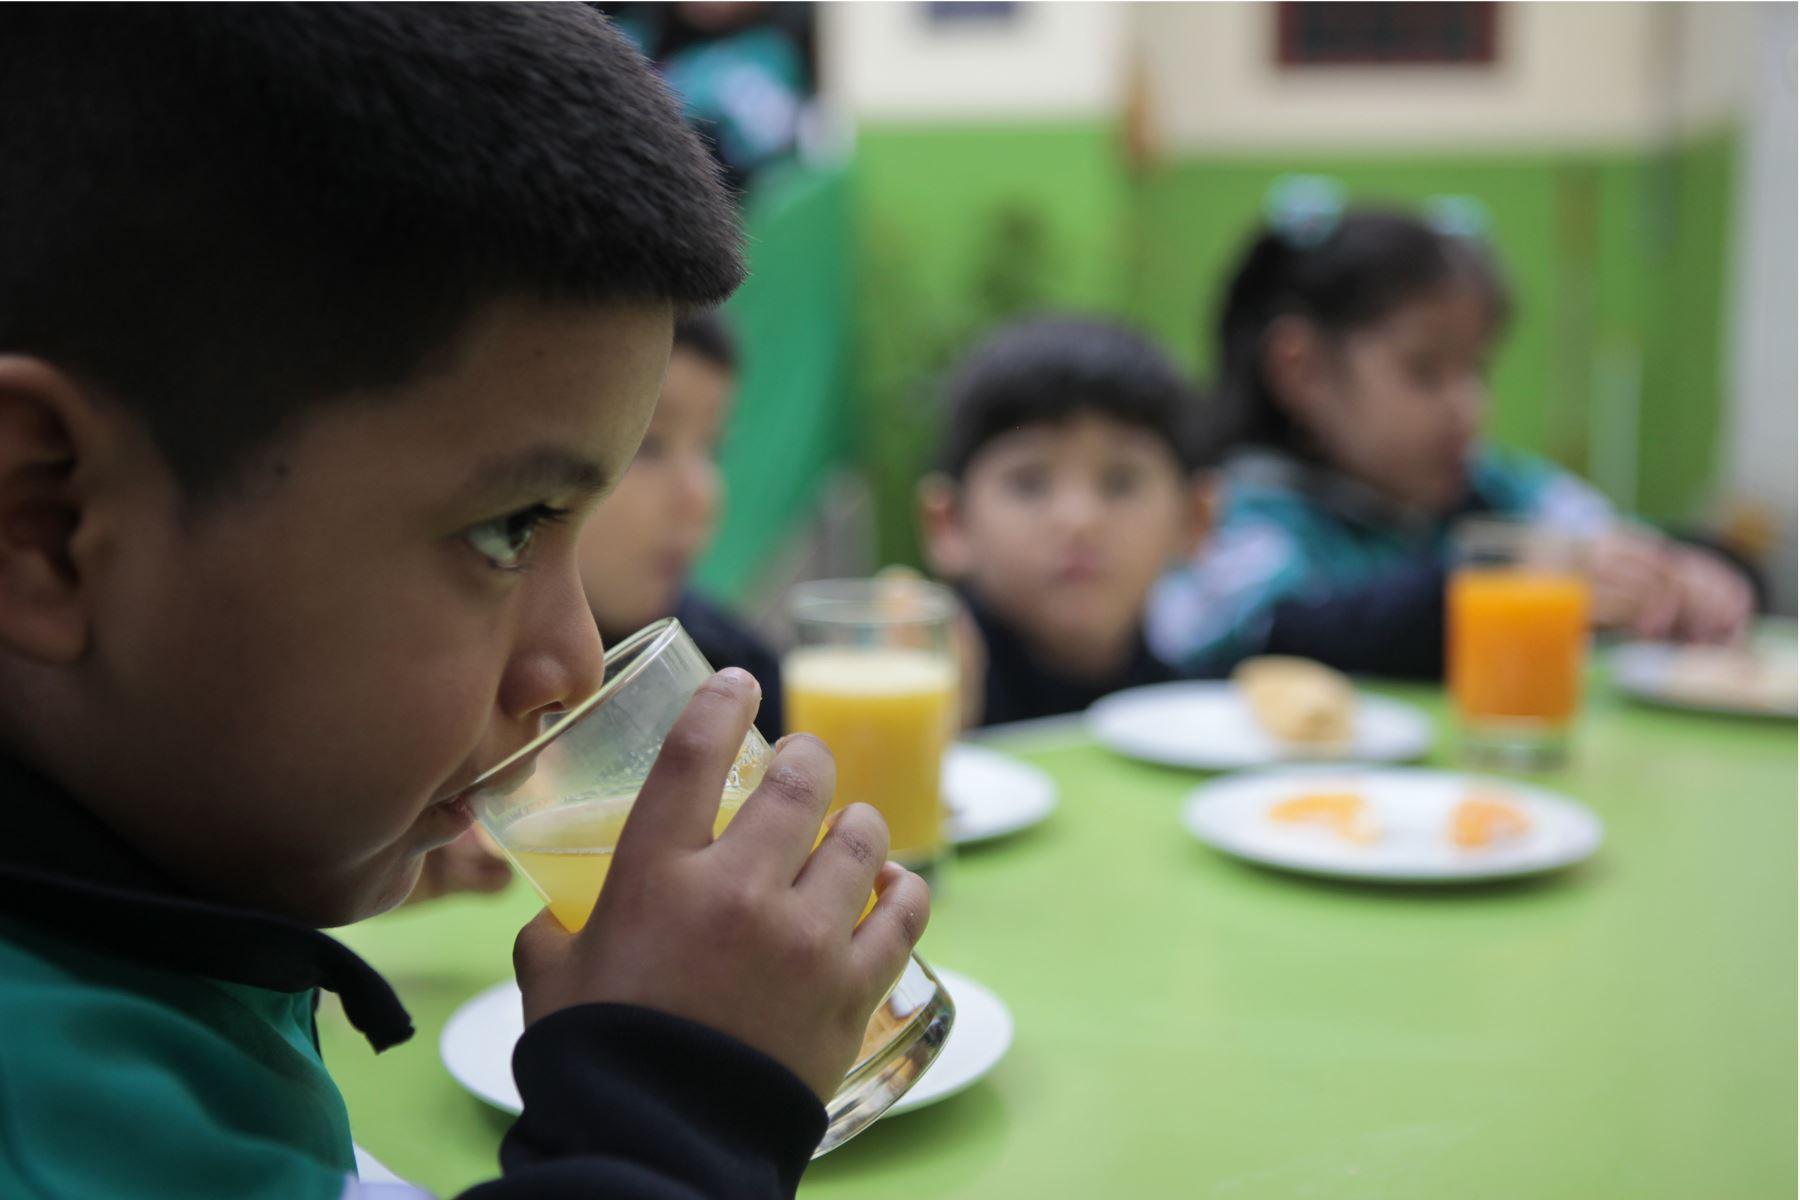 Ministerio de Salud presenta alternativas de desayunos de invierno preparados con cereales andinos y productos de la selva. Niños degustan desayuno de choclo, queso, pan y jugo de maca. Foto: ANDINA/Miguel Mejía